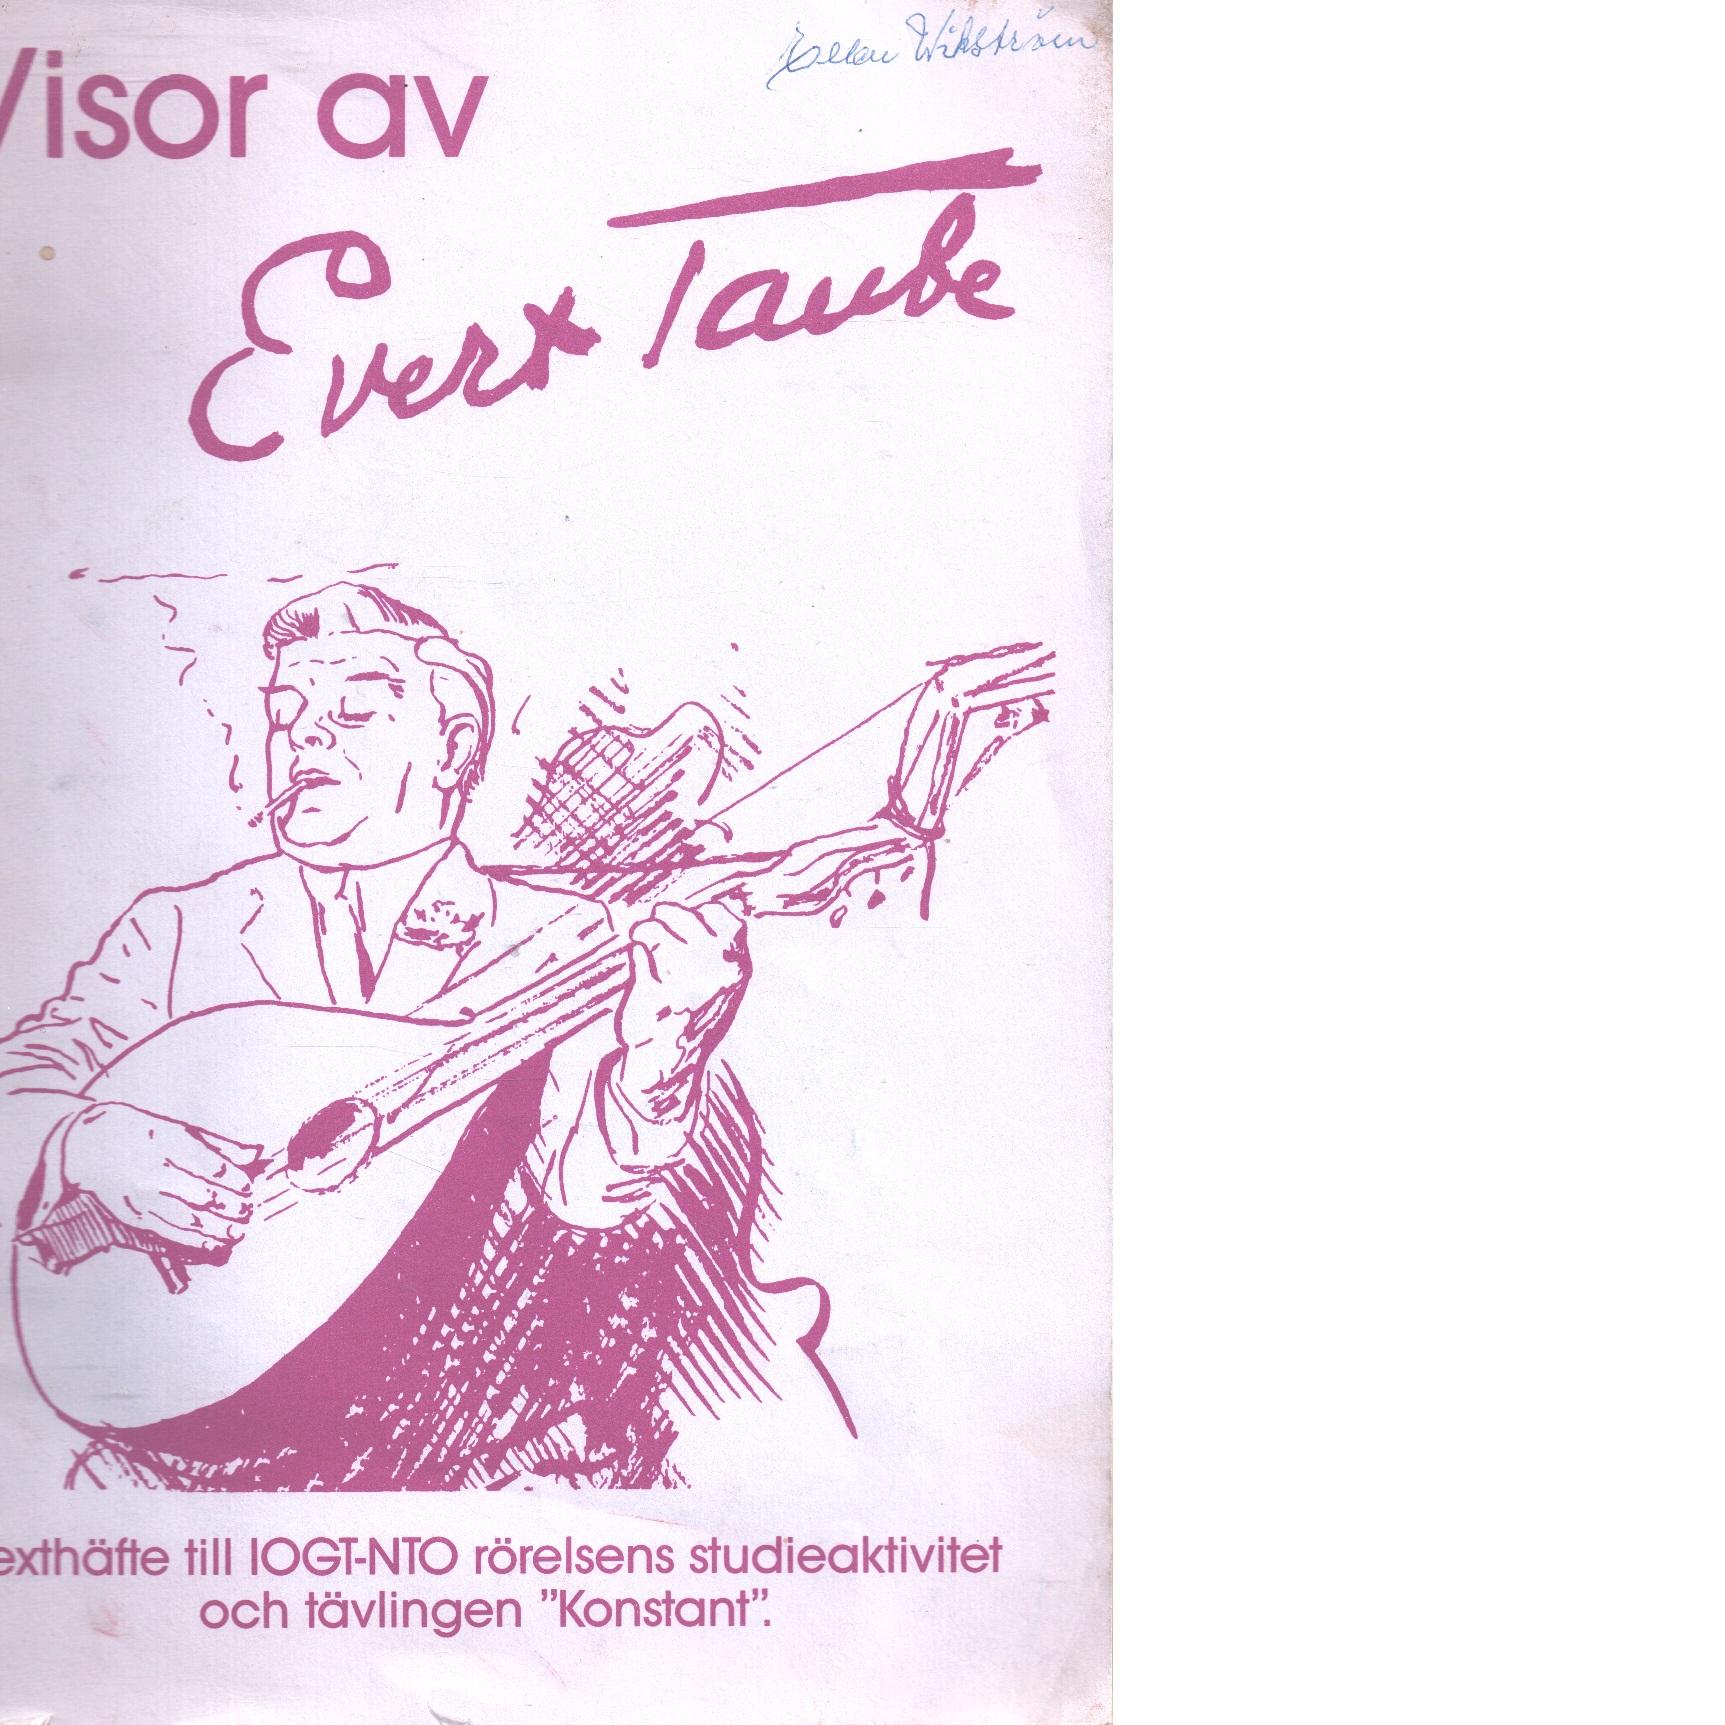 Visor av Evert Taube - Taube ,Evert